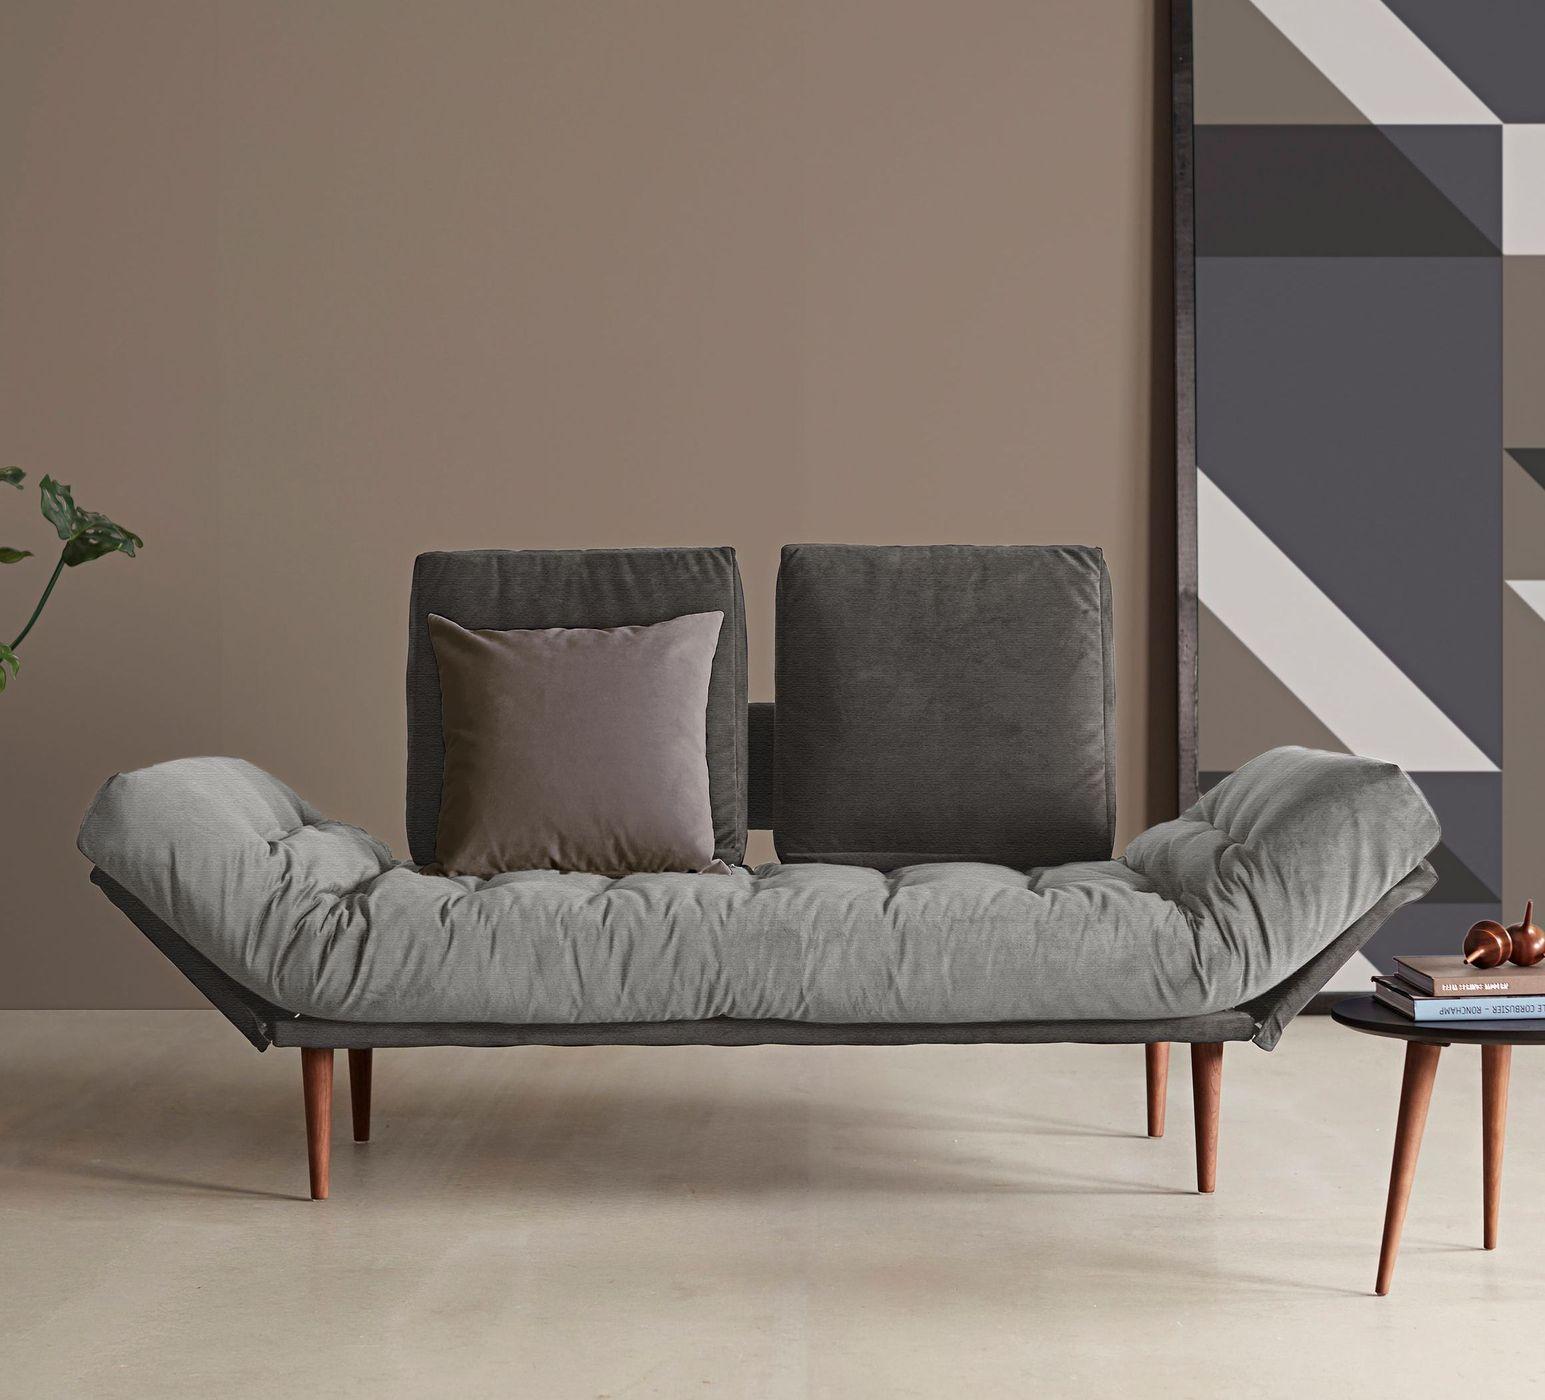 Full Size of Sofa Mit Abnehmbaren Bezug Ikea Big Abnehmbarer Abnehmbarem Waschbarer Grau Modulares Sofas Hussen Abnehmbar Waschbar Webstoff Schlafsofa Whlbarer Sofa Sofa Abnehmbarer Bezug